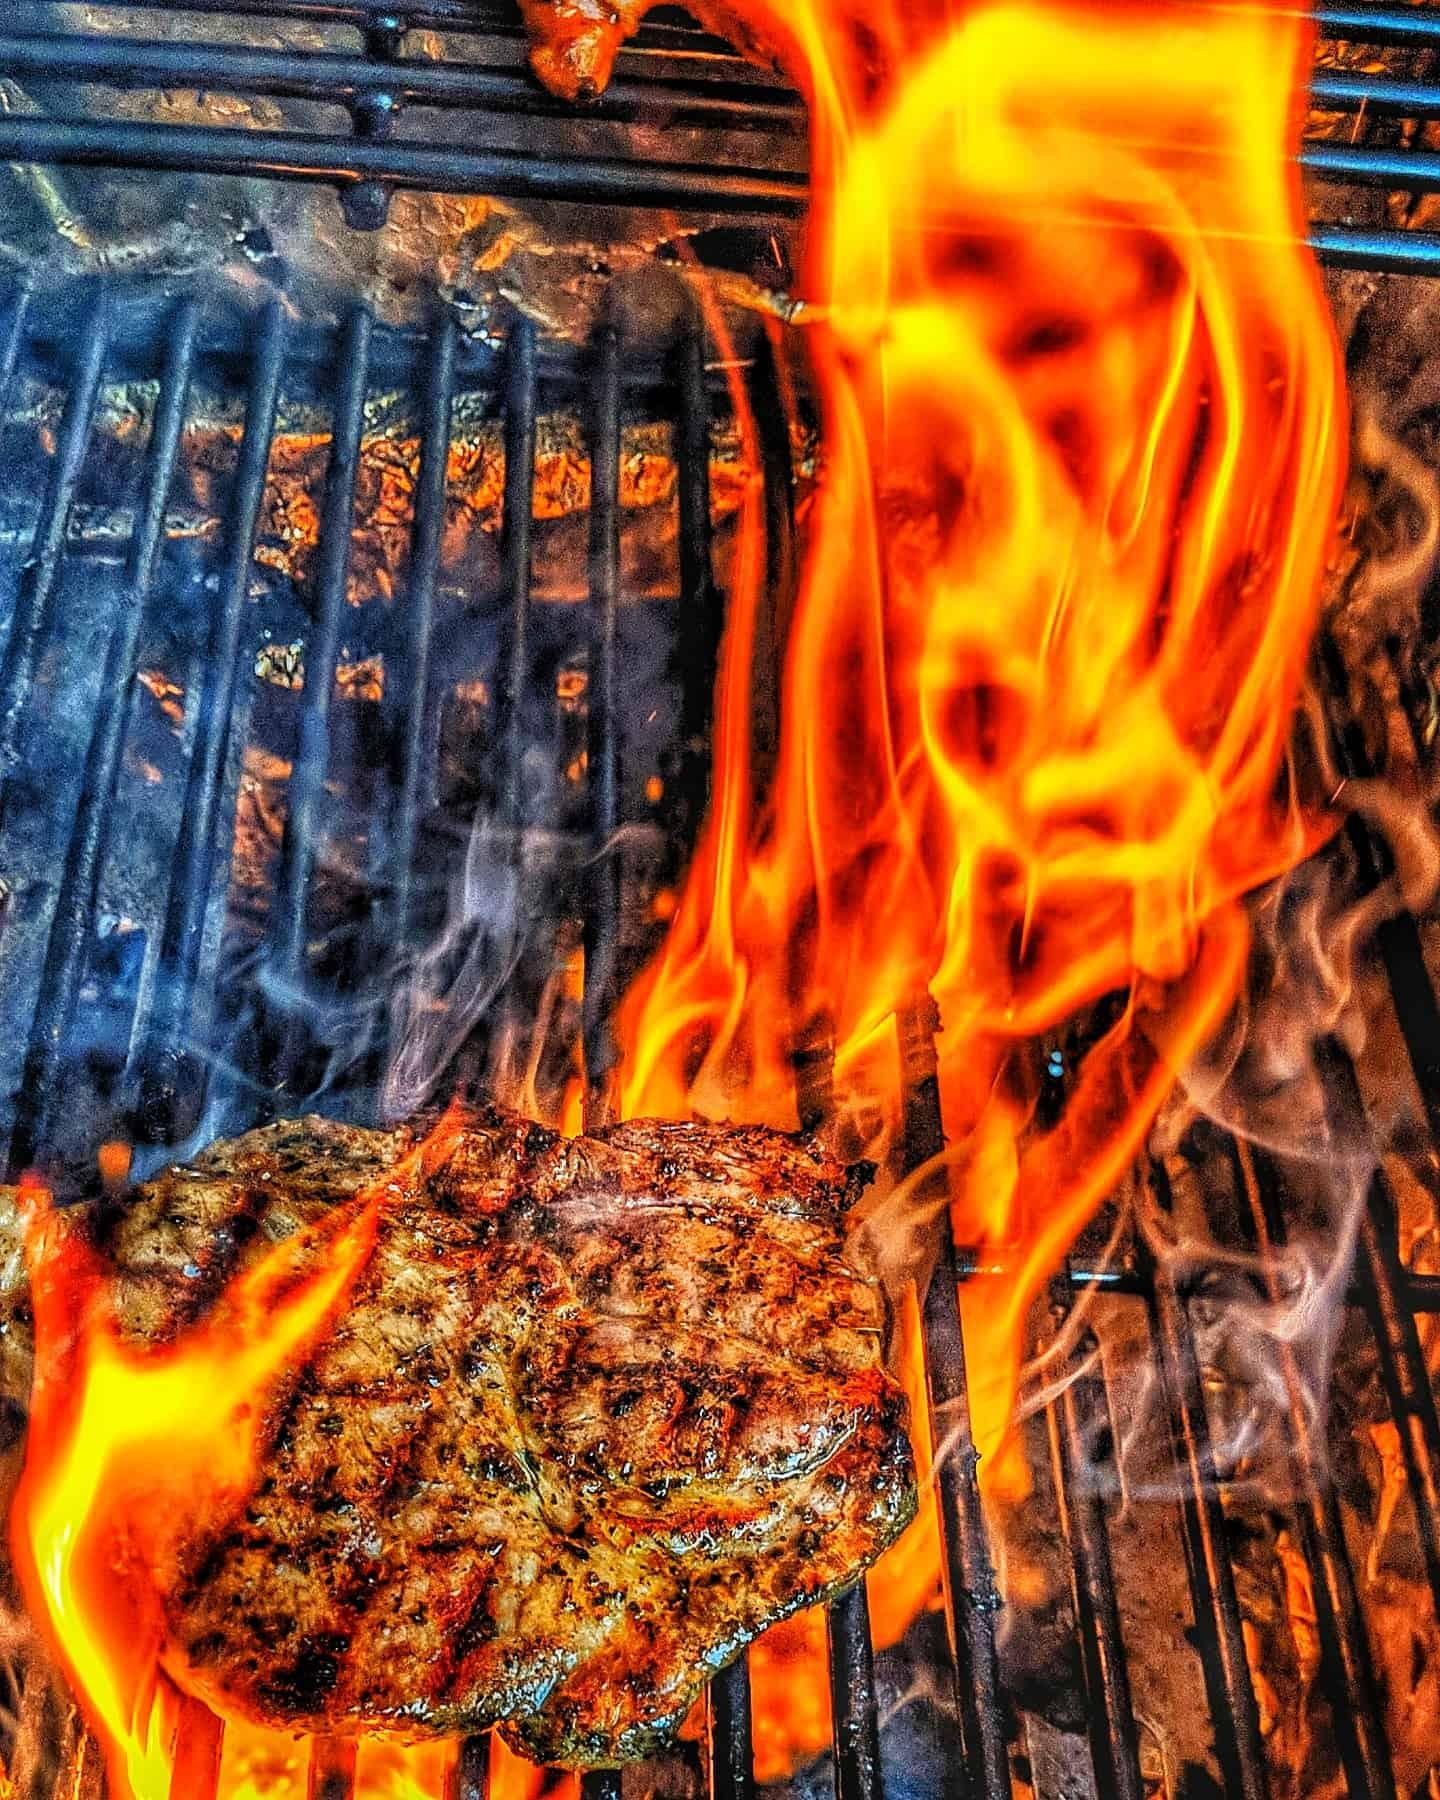 Ein Steak mit Flammen auf einem Grill.